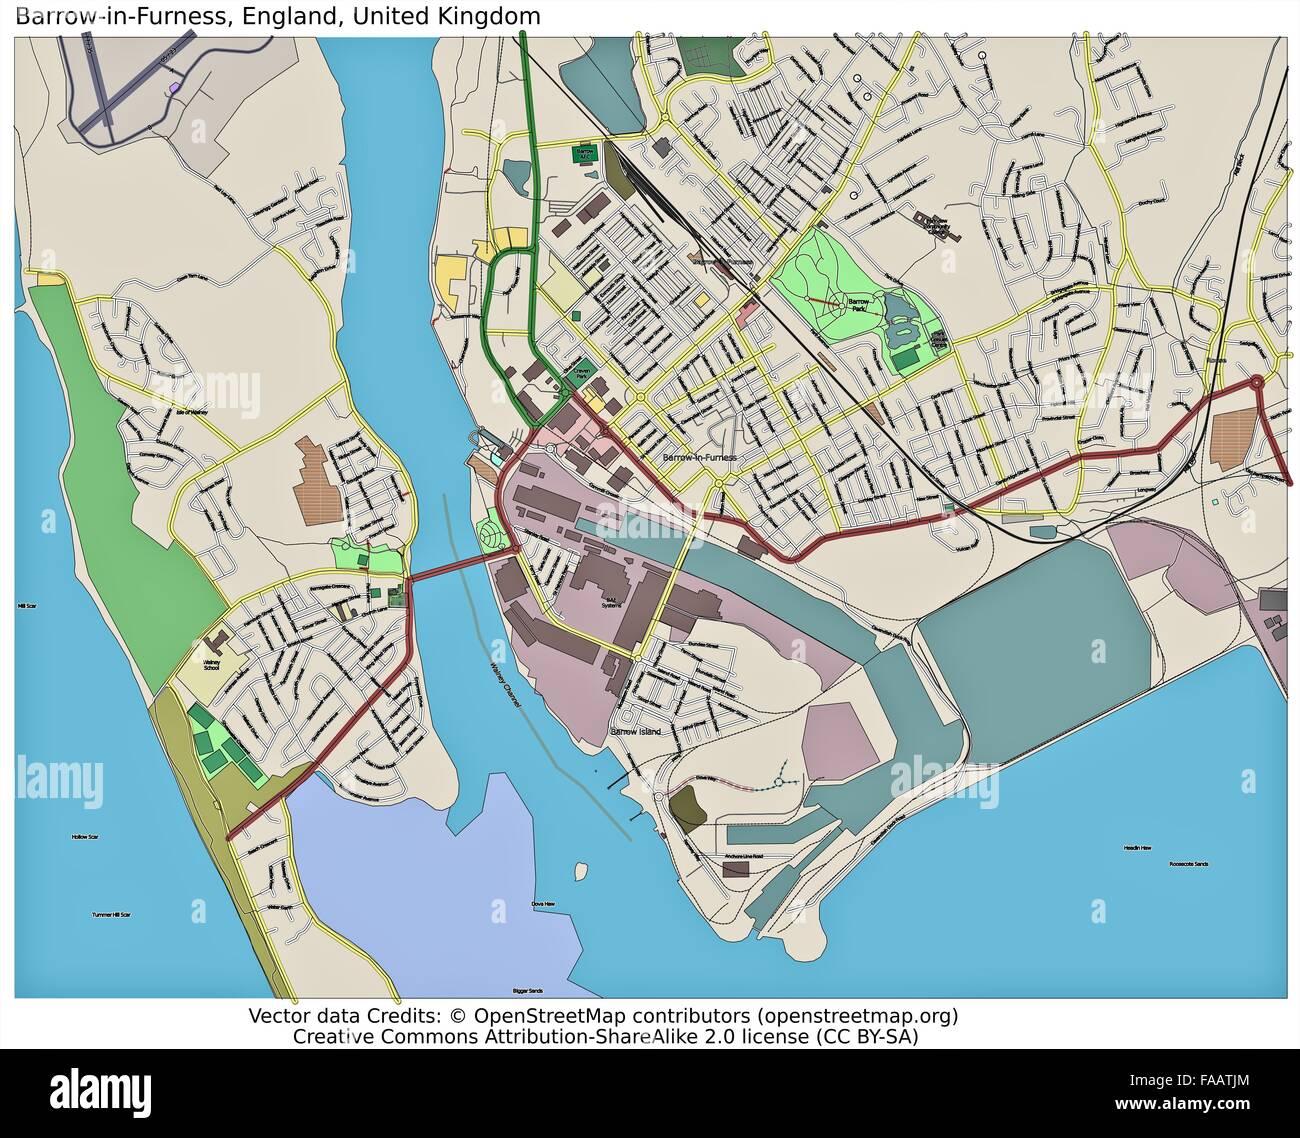 BarrowinFurness England UK city map Stock Photo 92437260 Alamy